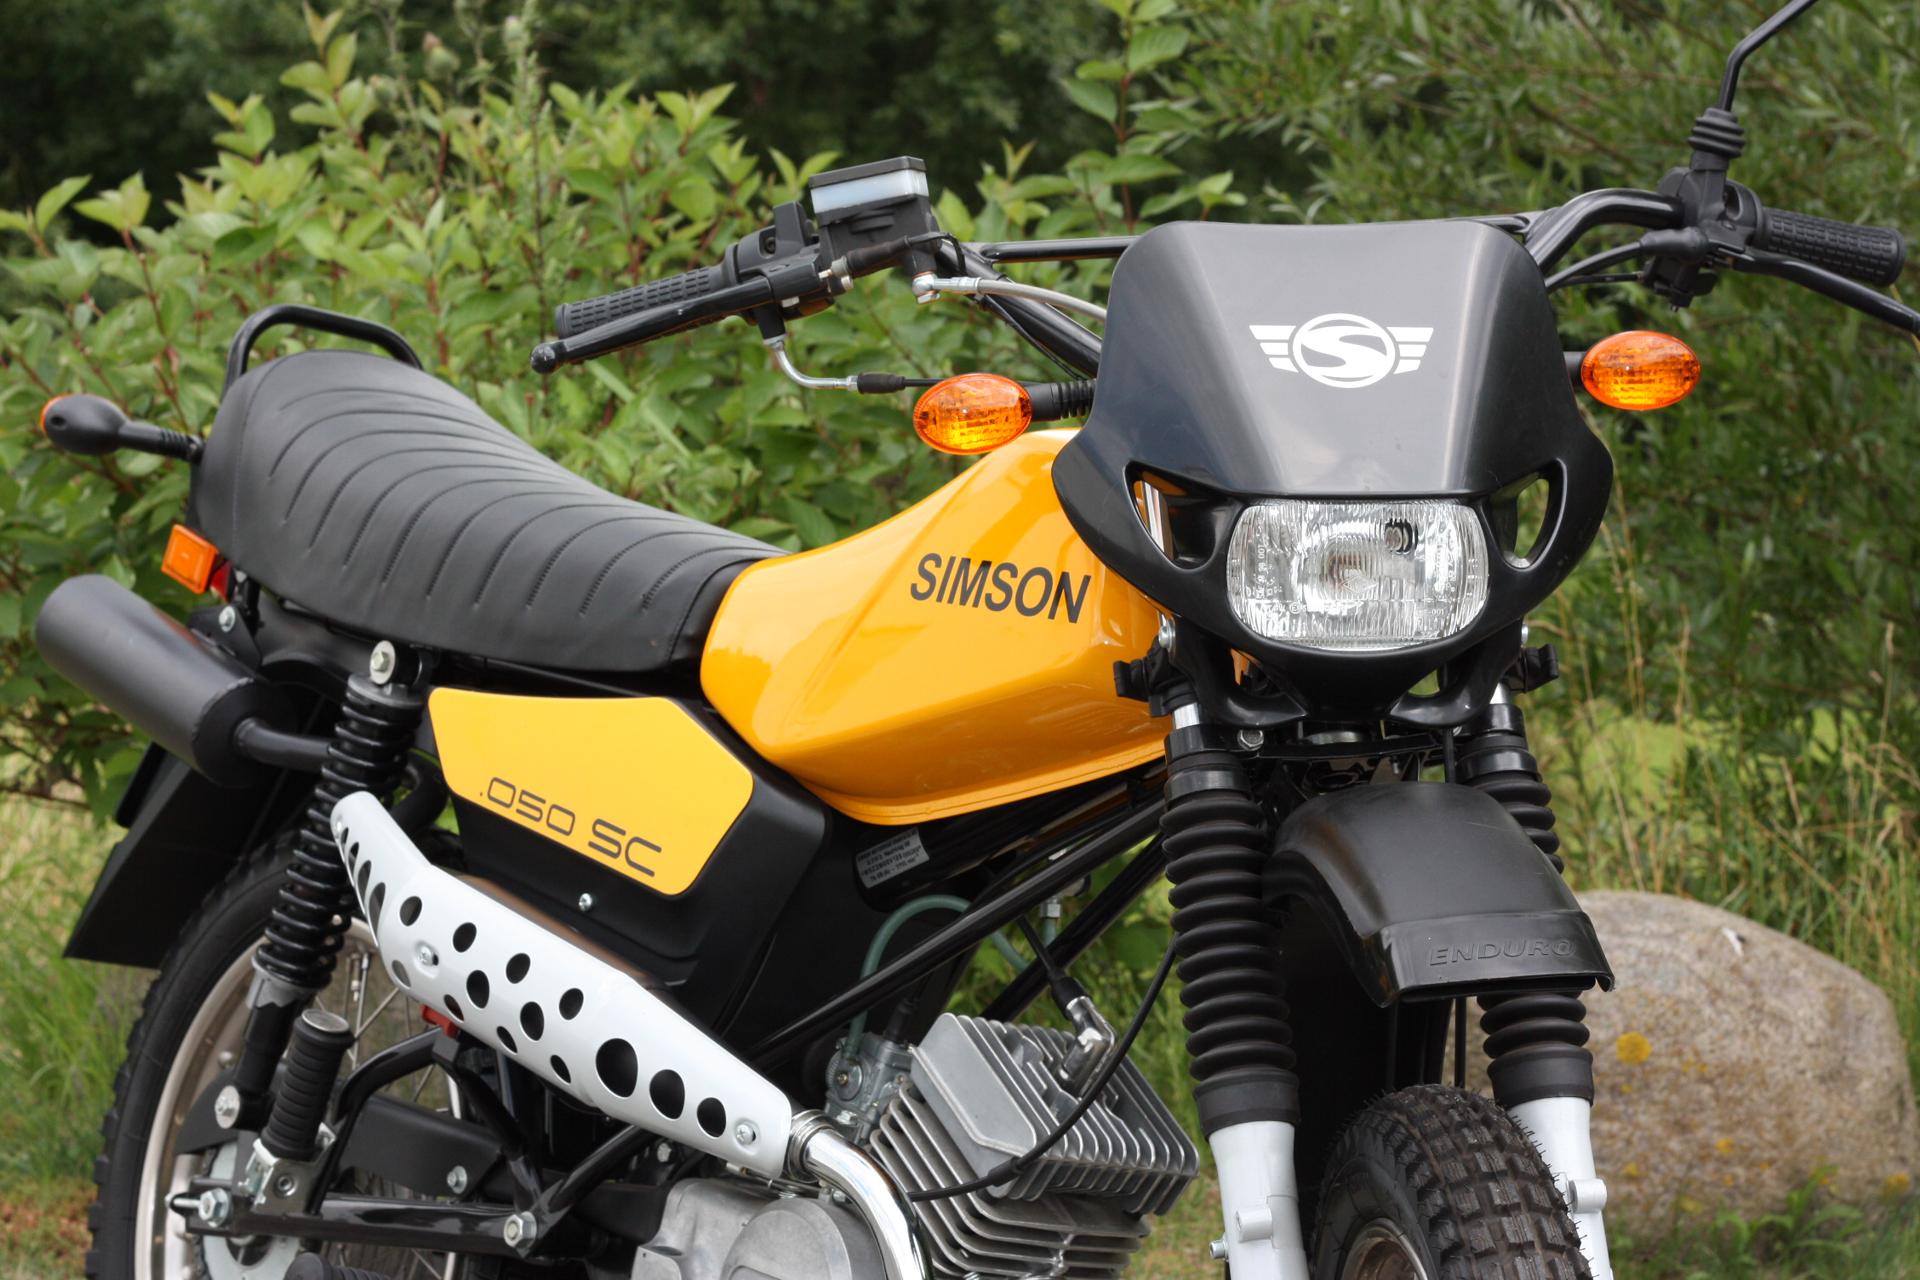 Bild für Kategorie SIMSON-Ersatzteile